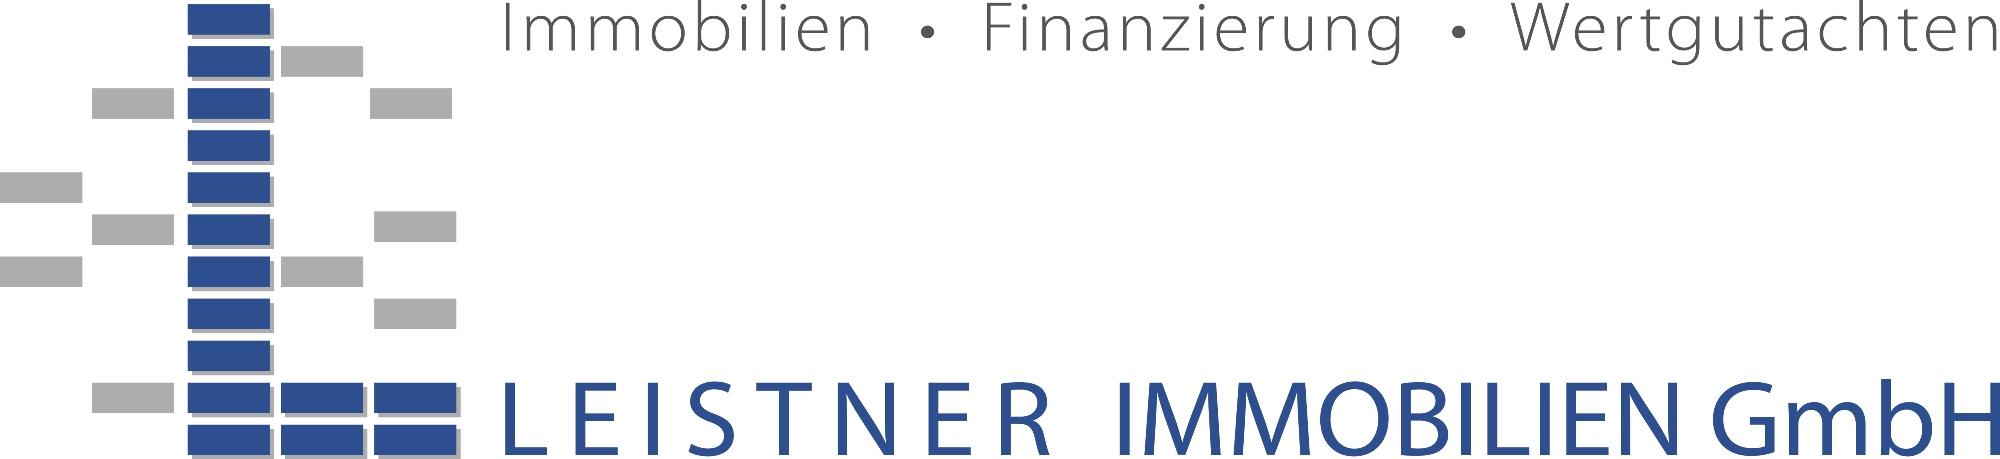 Hier sehen Sie das Logo von Leistner Immobilien GmbH